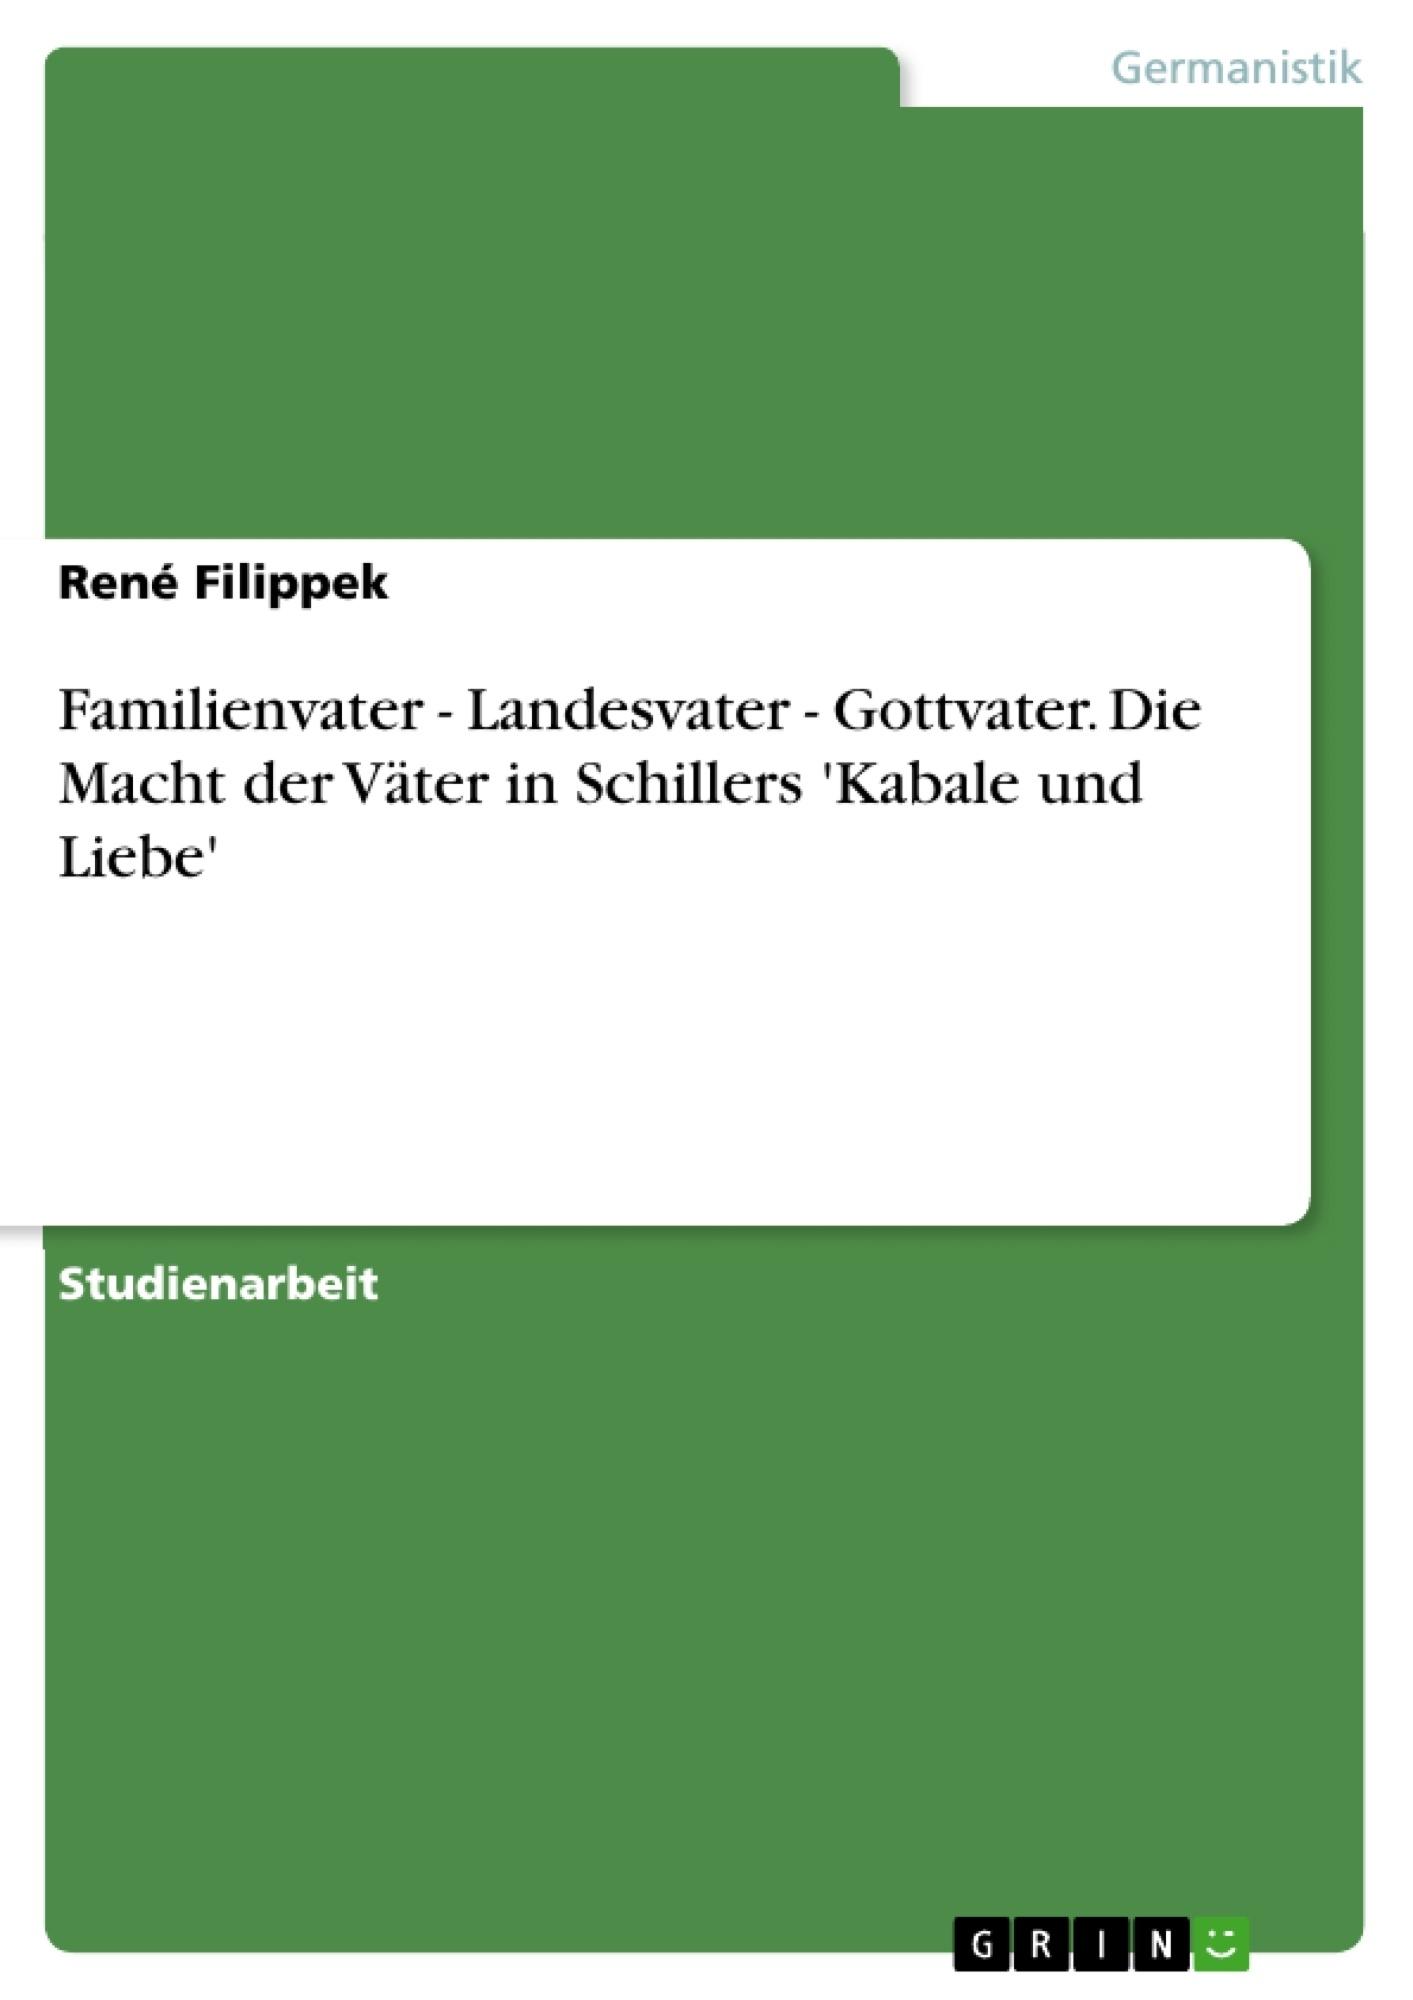 Titel: Familienvater - Landesvater - Gottvater. Die Macht der Väter in Schillers 'Kabale und Liebe'